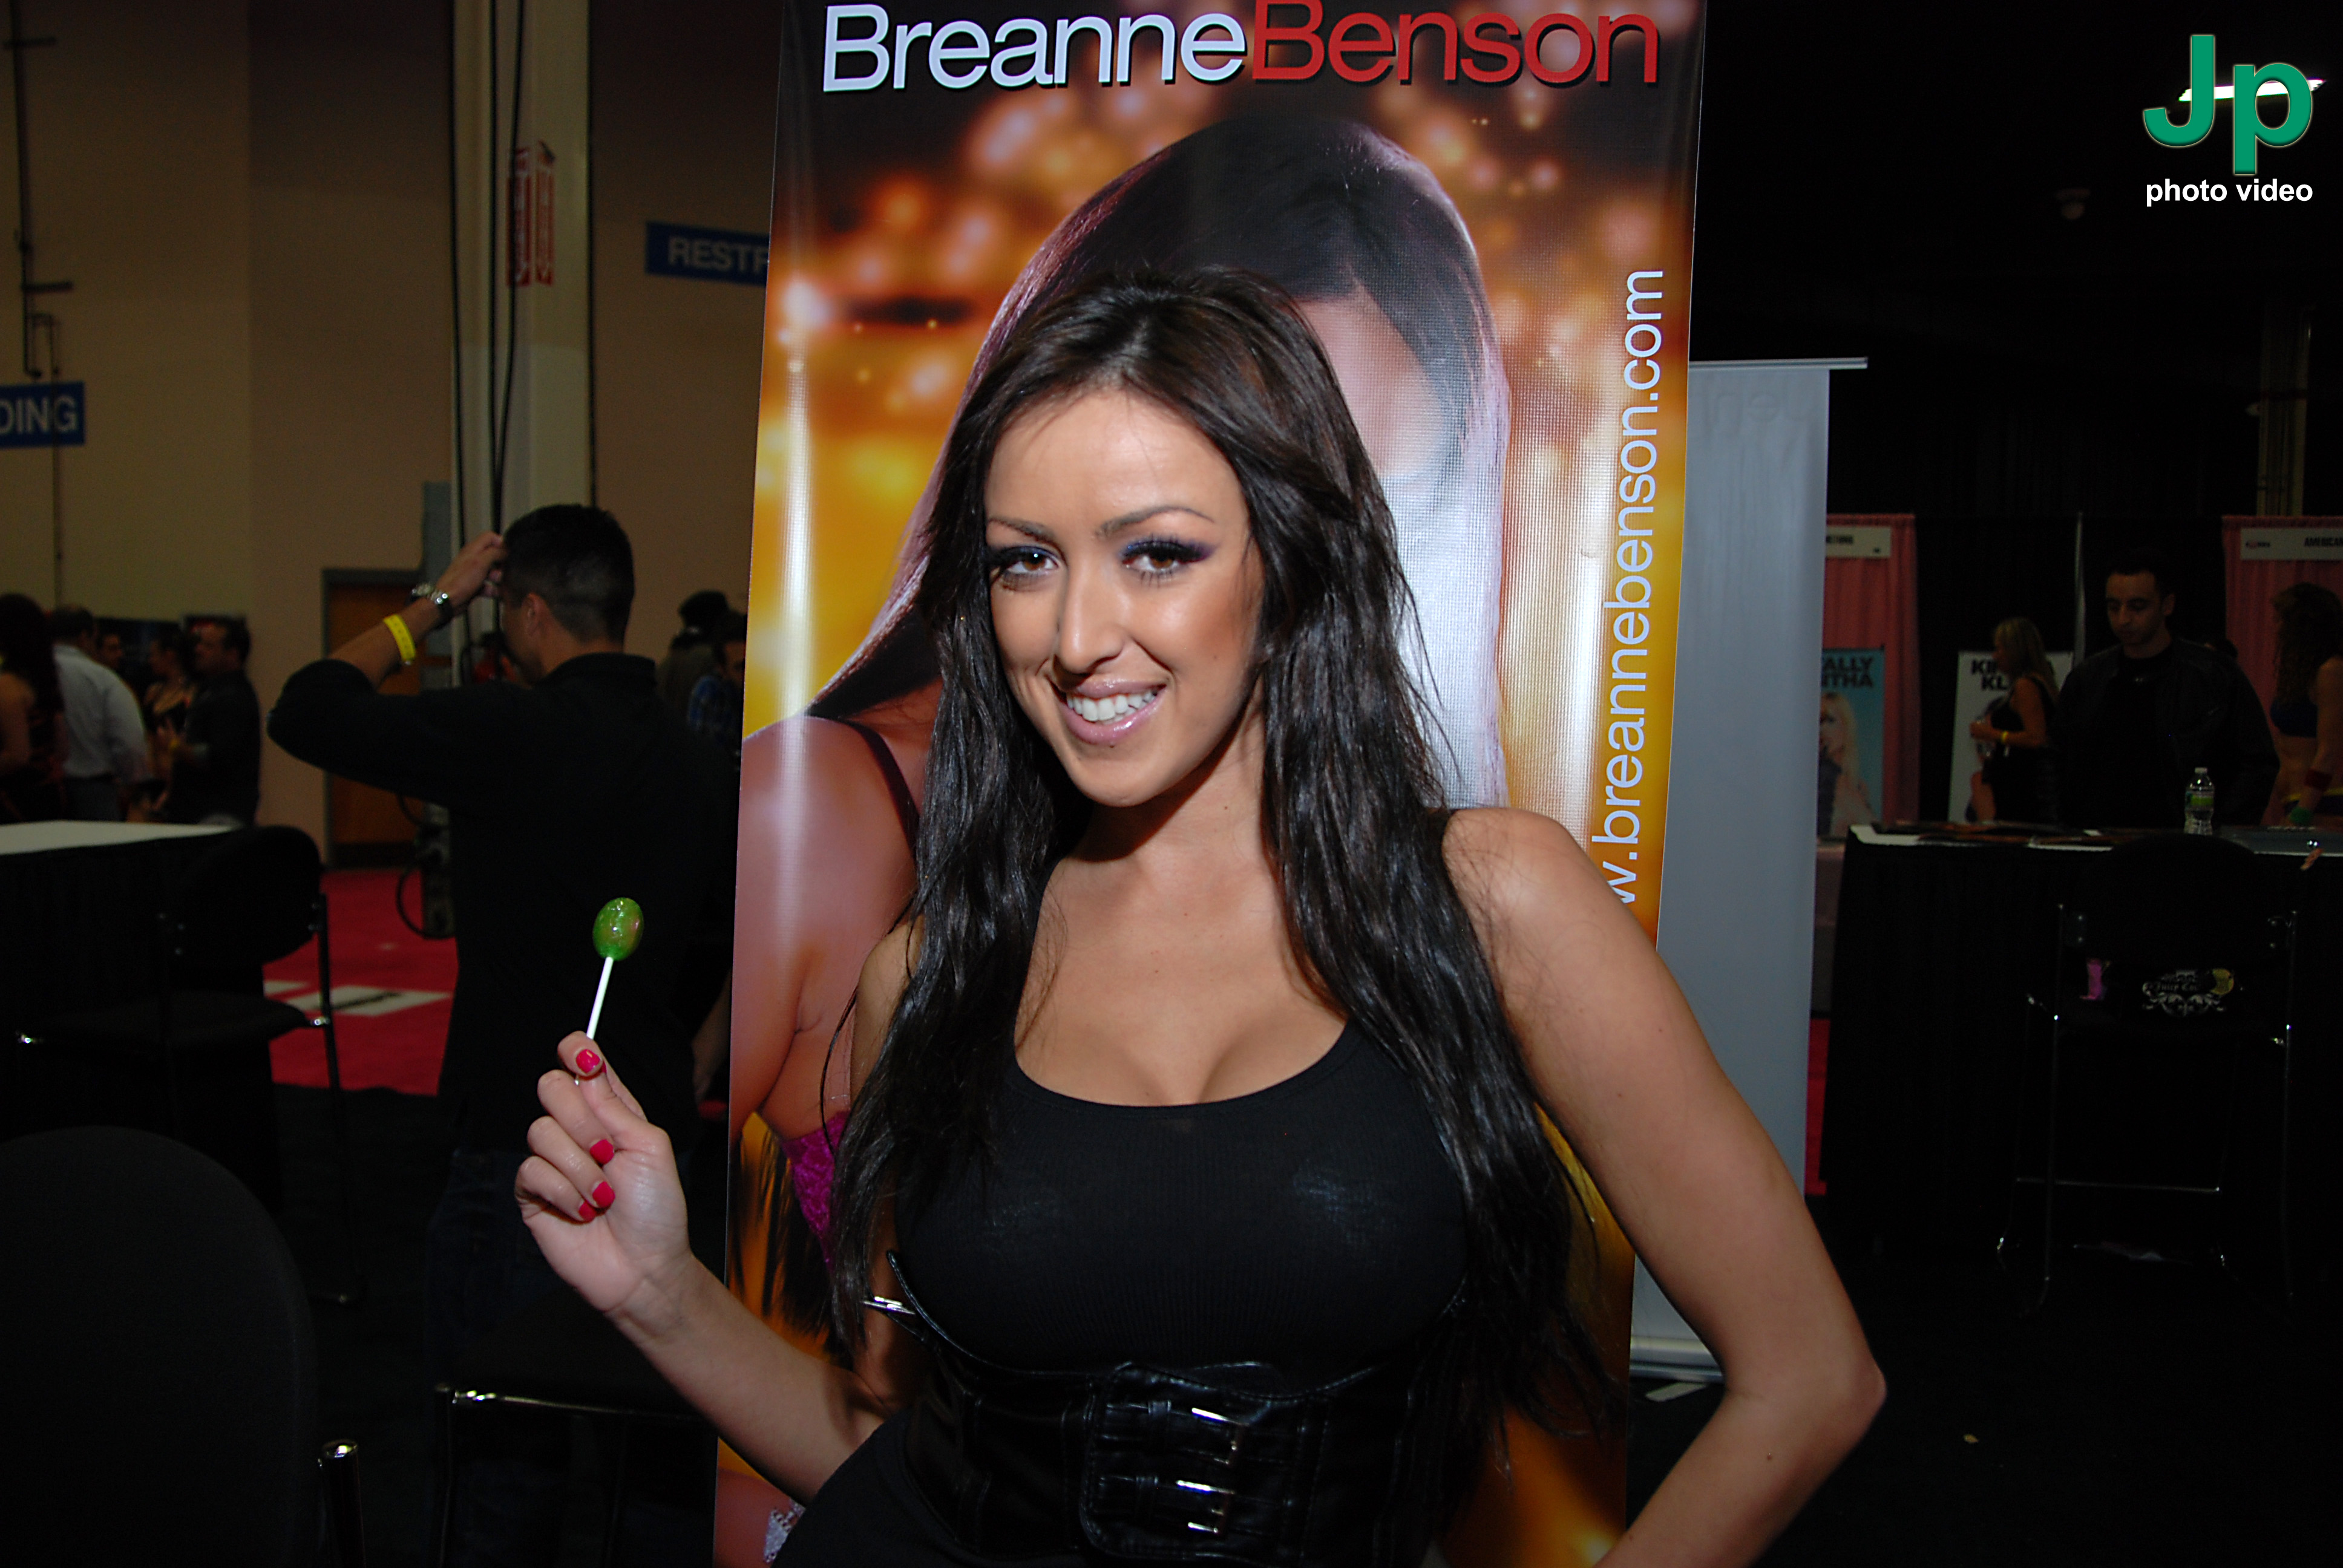 file:breanne benson at exxxotica new jersey 2010 (7) - wikimedia